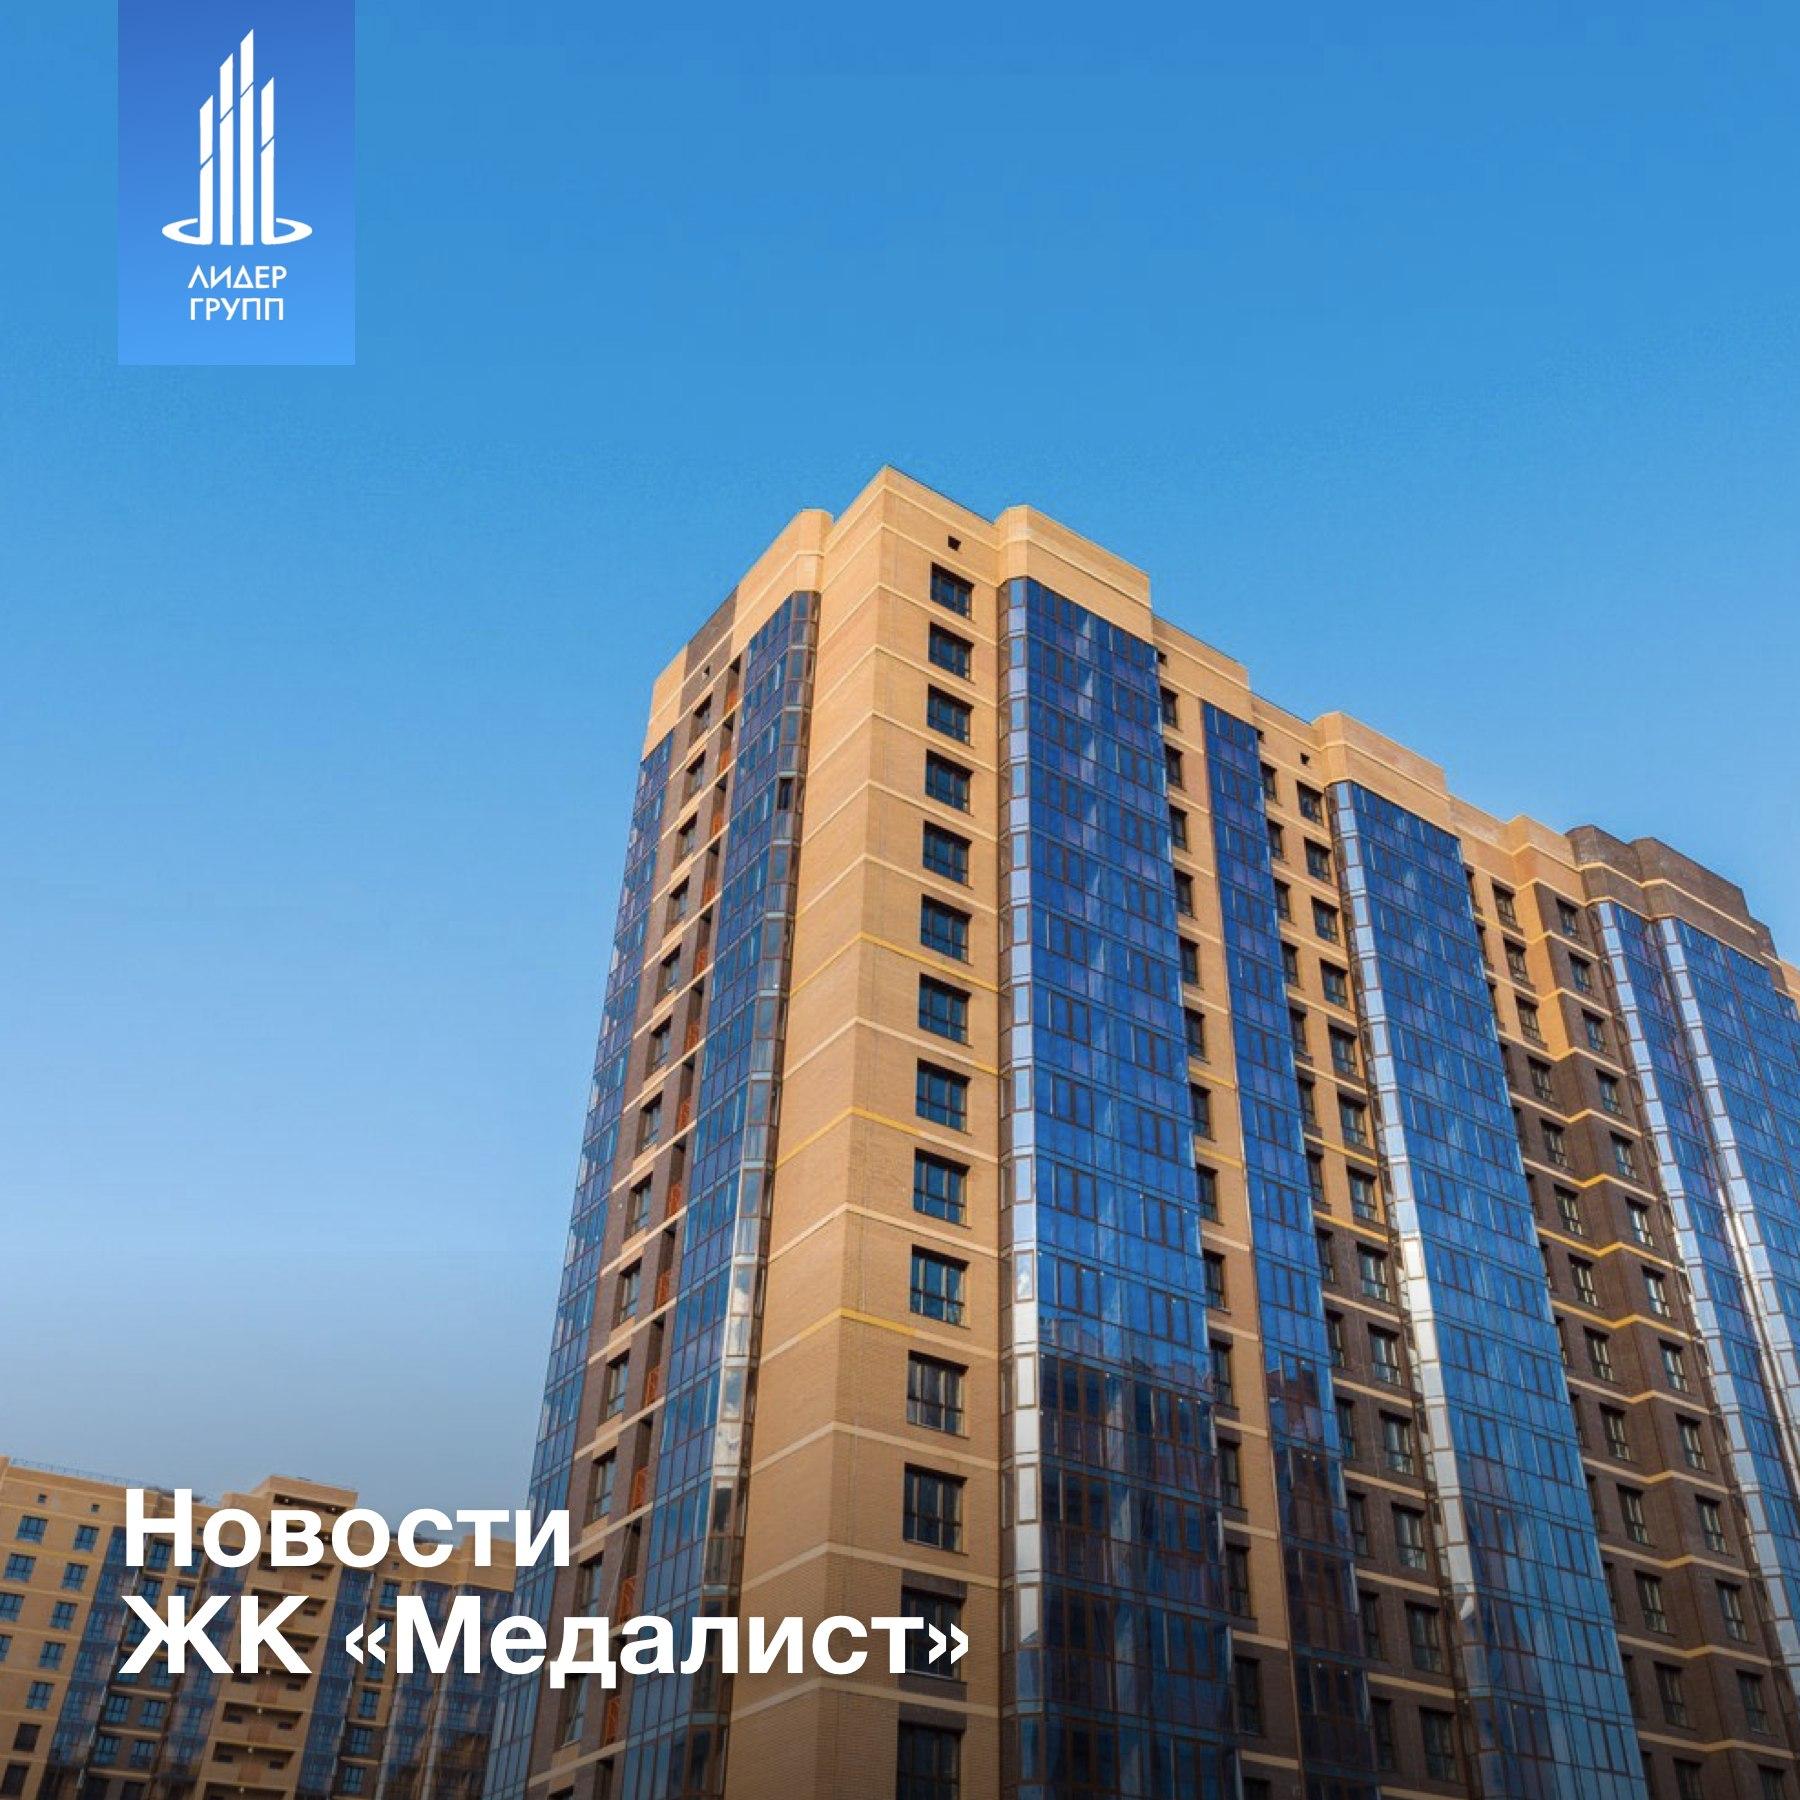 Сириус-а Ижевск строительная компания архитектурно-строительная компания паттерани ооо